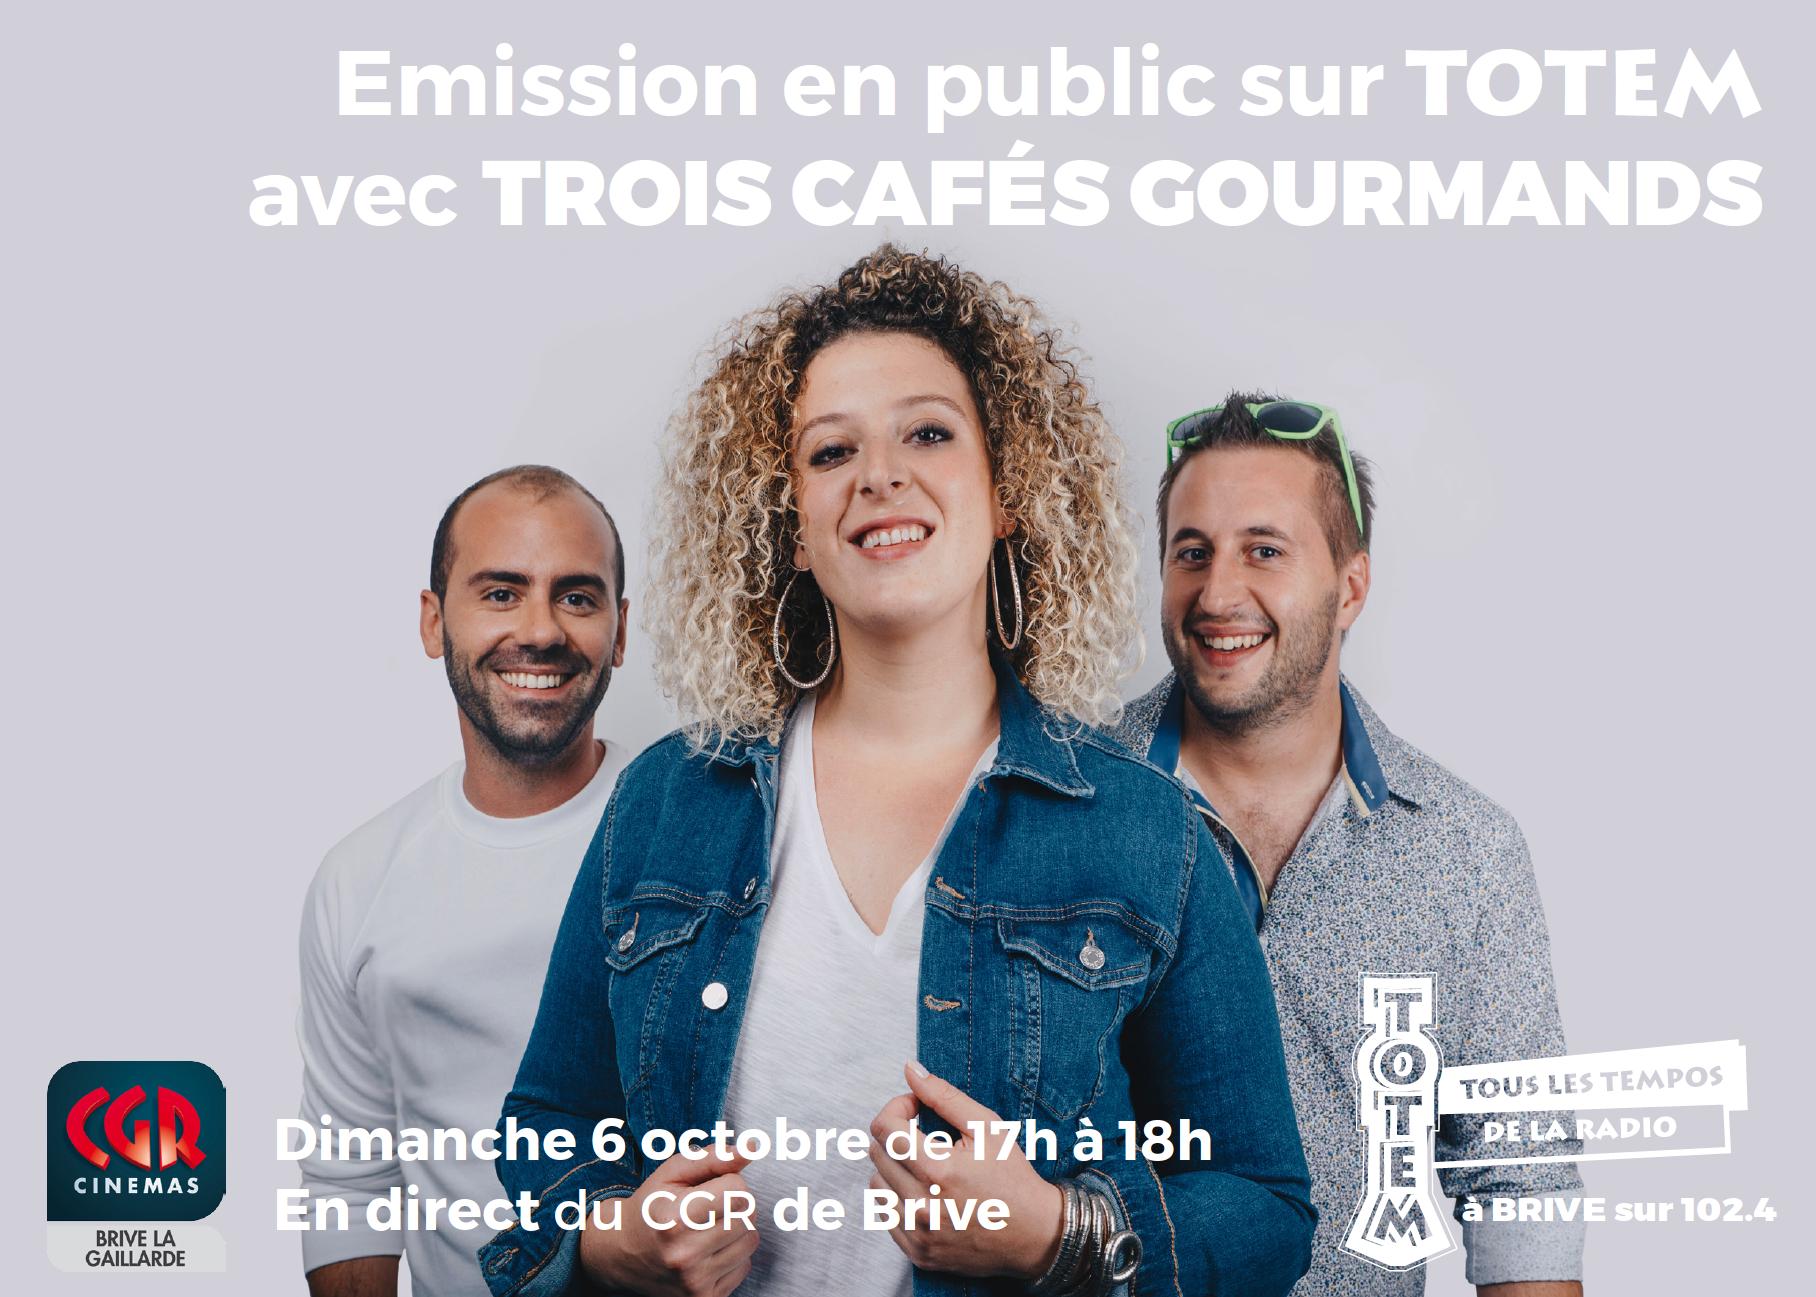 """La radio invite le groupe Trois Cafés Gourmands autour d'une émission spéciale afin qu'auditeurs, spectateurs et artistes profitent """"d'un concert convivial et riche en rencontres"""""""